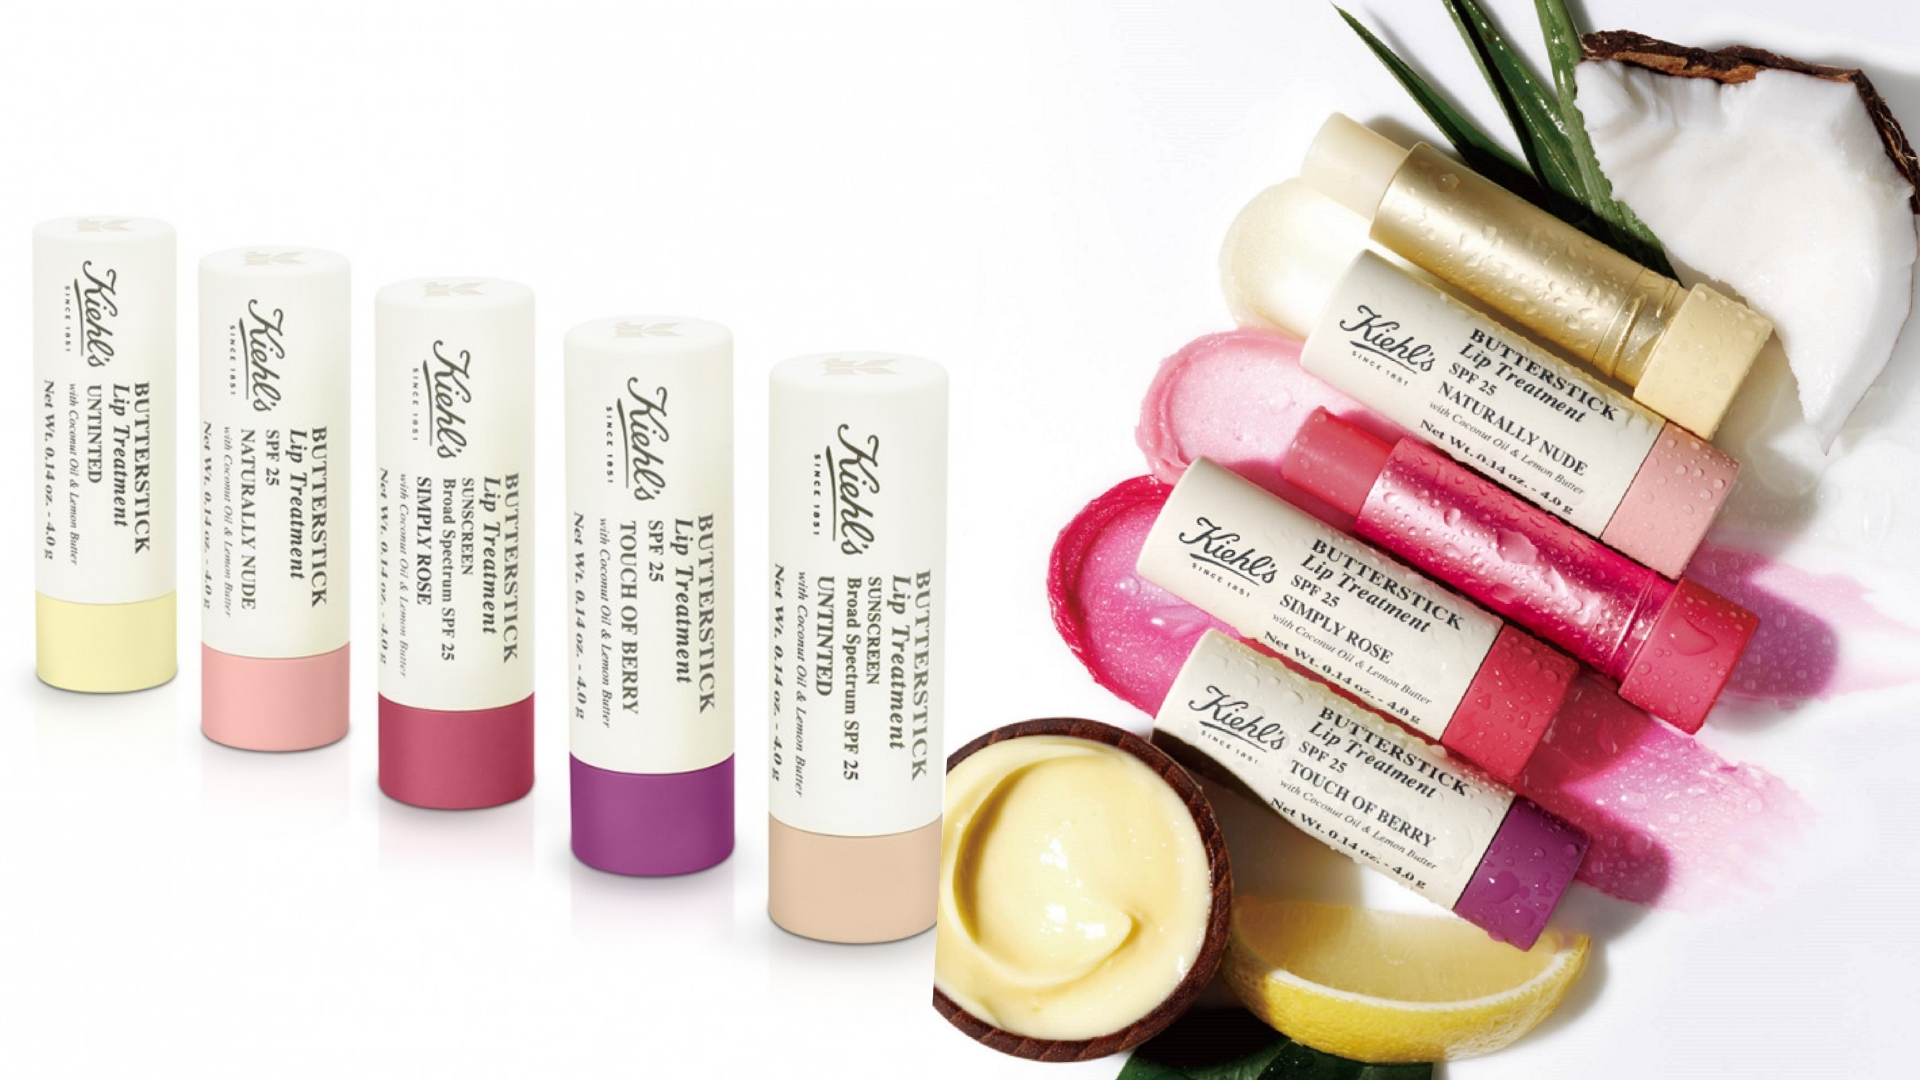 輕輕抹上就能立即潤唇、潤色,搭配檸檬奶油的淡淡檸檬清香,即使不想上妝也能打造令人怦然心動的超可口美唇!